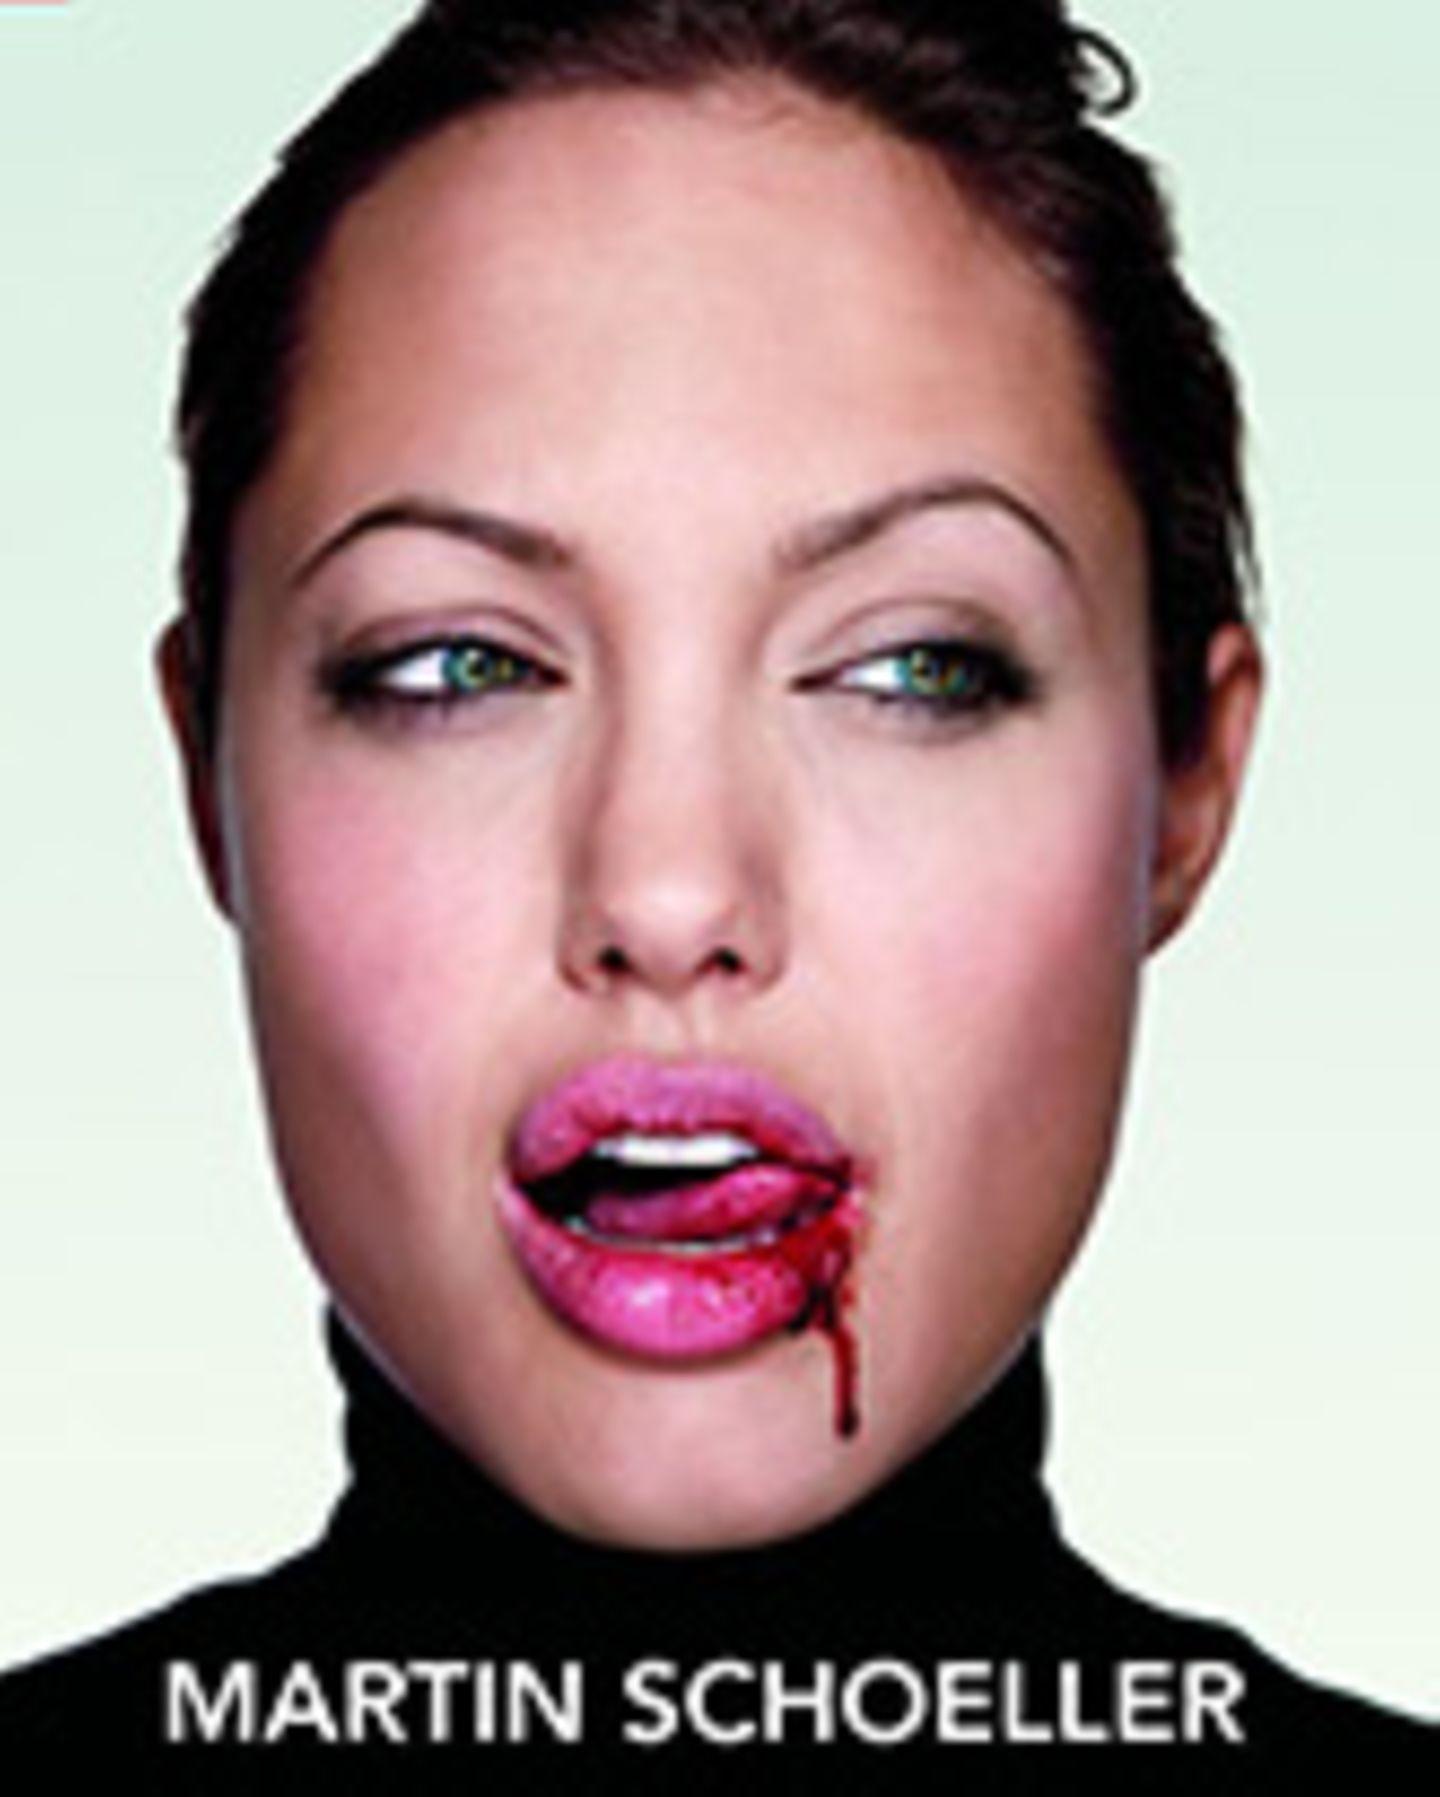 Martin Schoeller Angelina Jolie